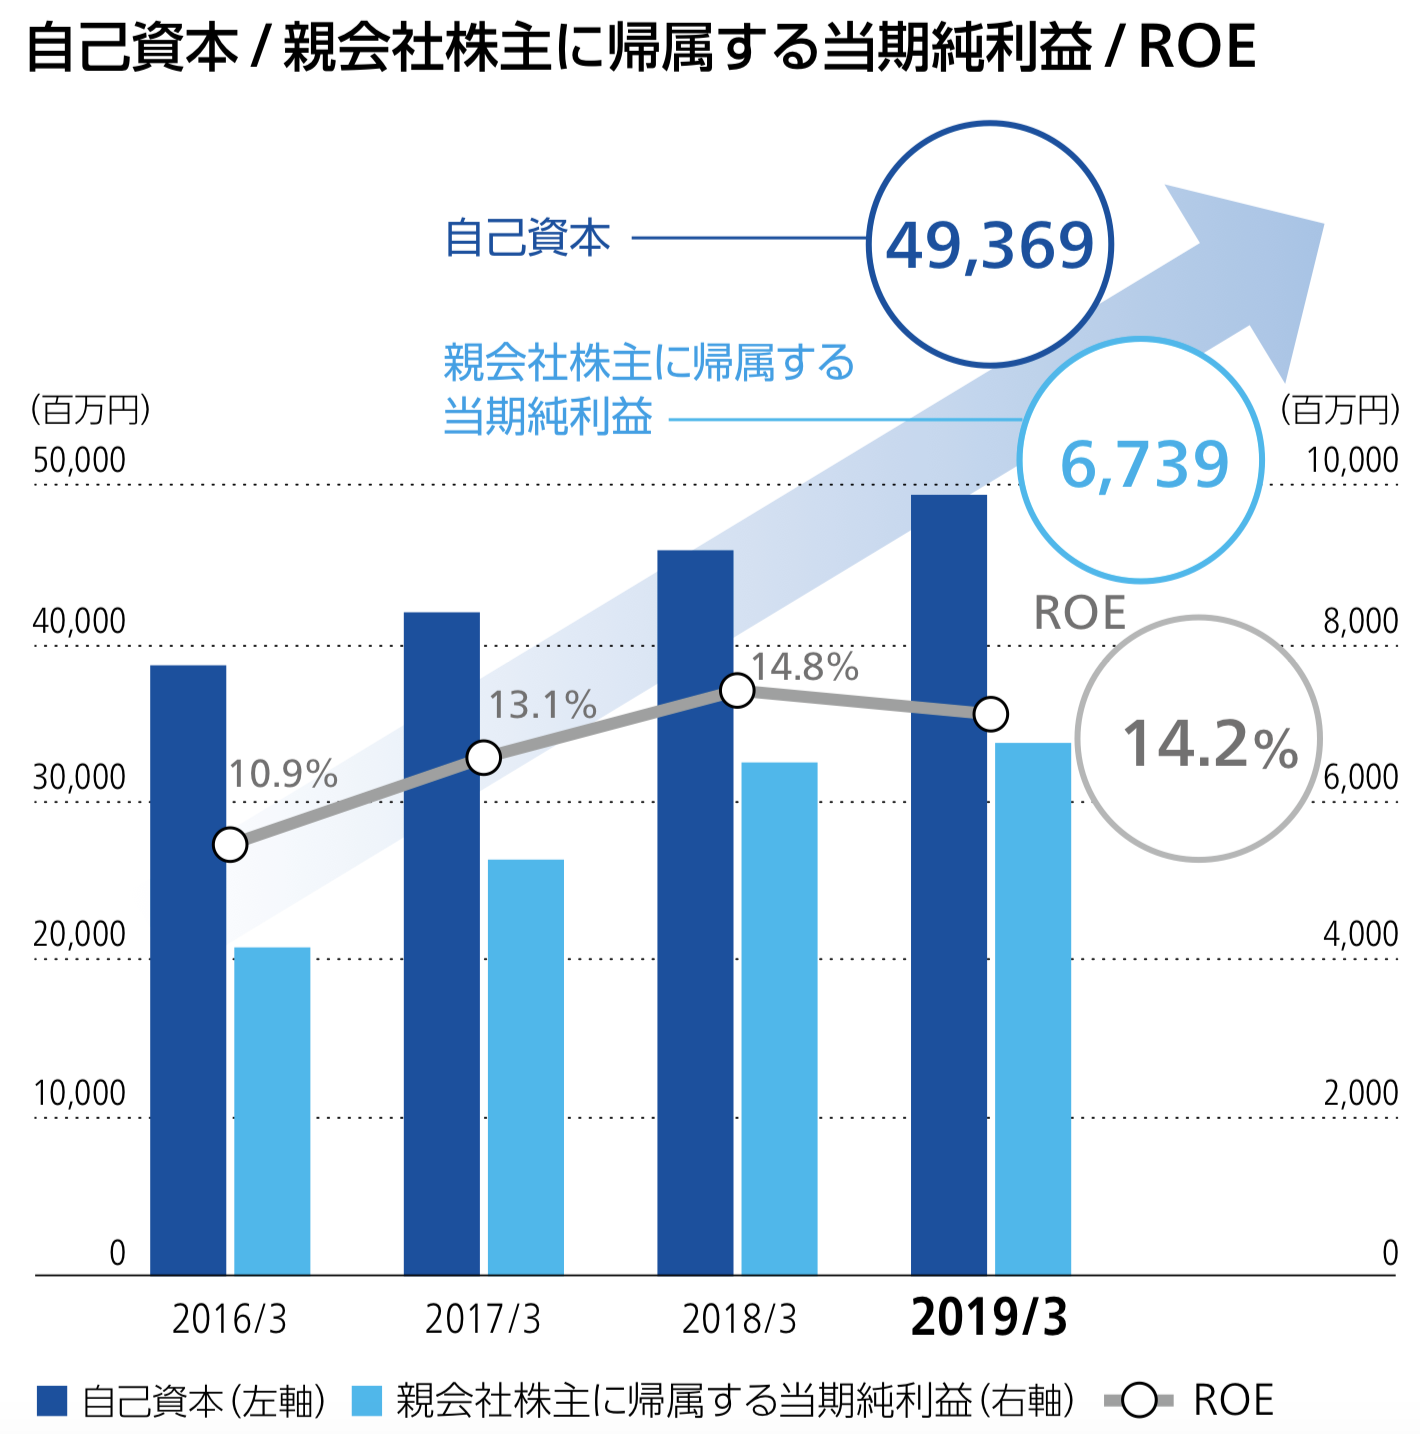 兼松エレクトロニクス株式会社 自己資本 / 親会社株主に帰属する当期純利益 / ROE